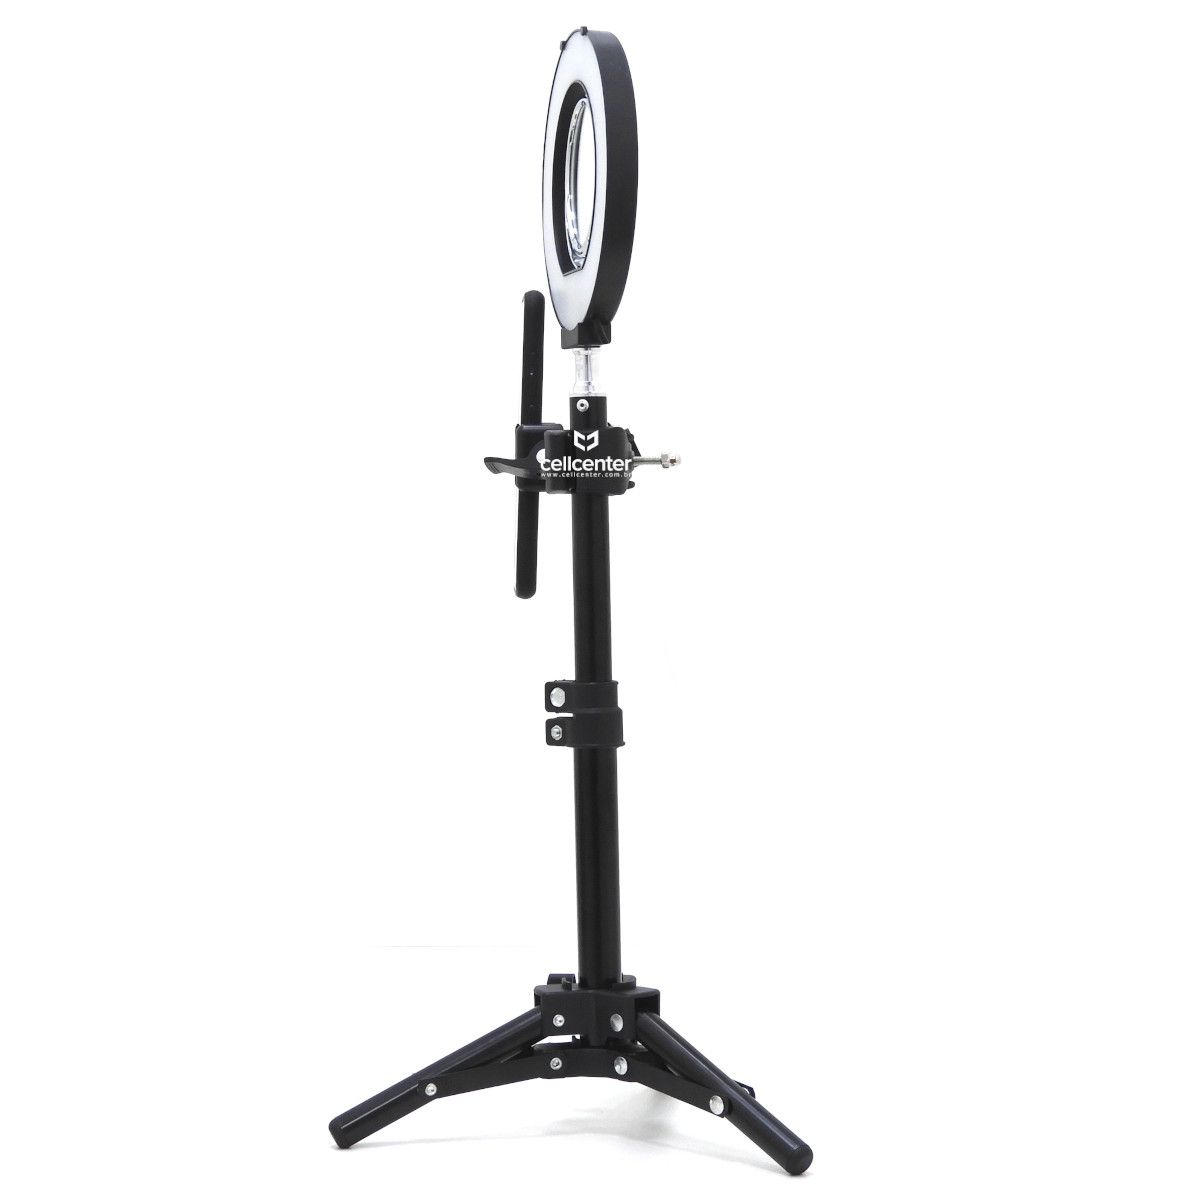 Iluminador Ring Light Bicolor Luz de LED 15cm com Espelho Duplo Tripé e Suporte para Celular